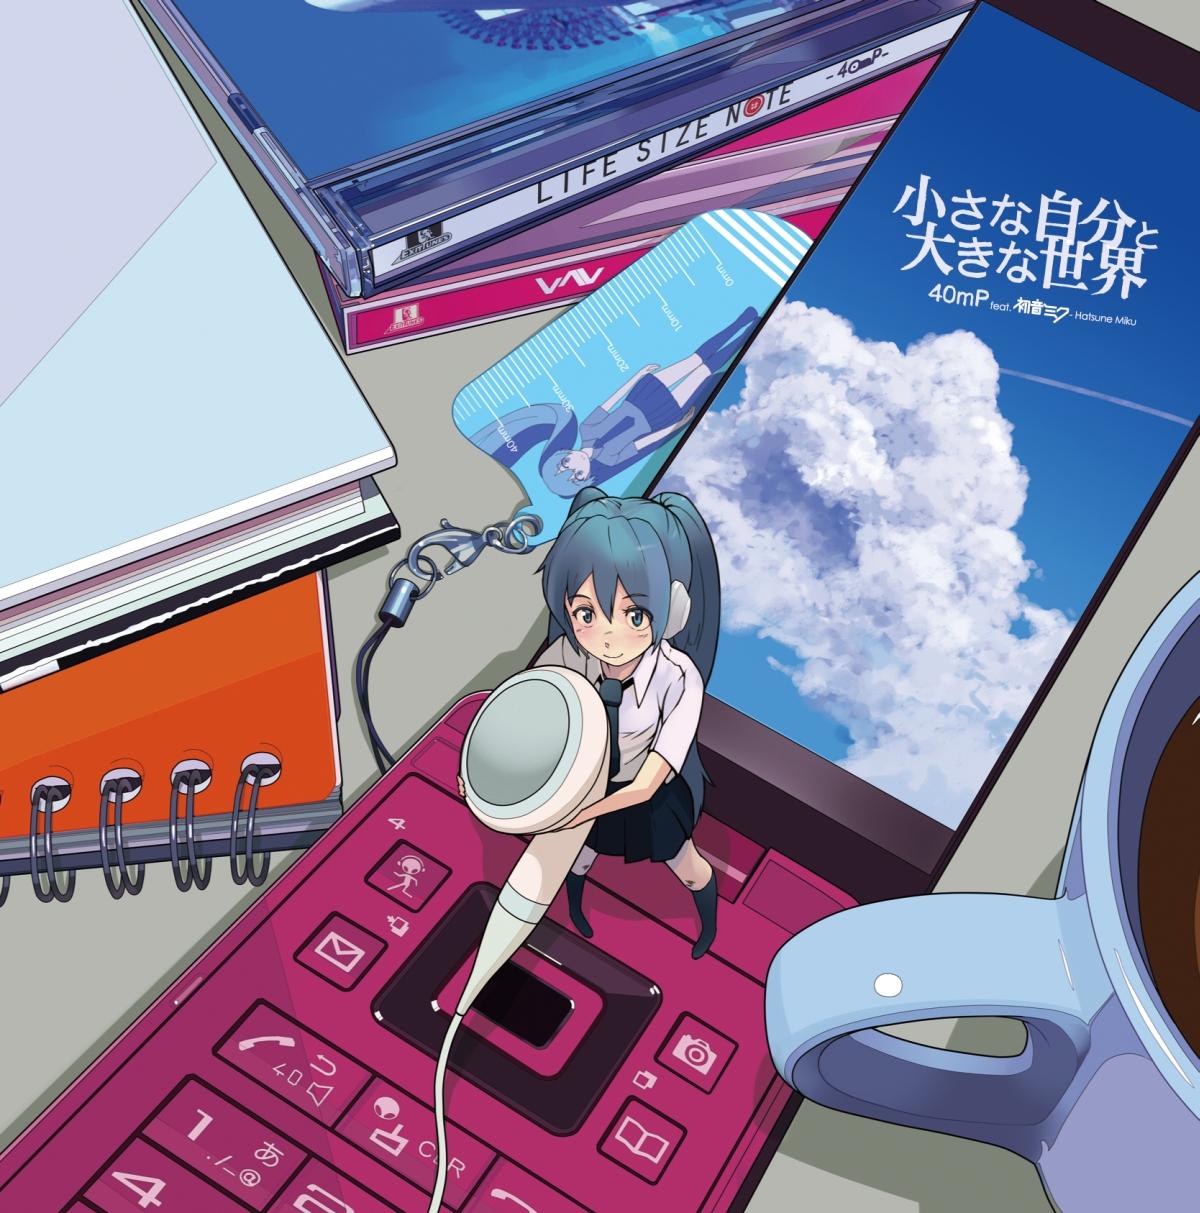 小さな自分と大きな世界 (Chiisana Jibun to Ookina Sekai) (album)